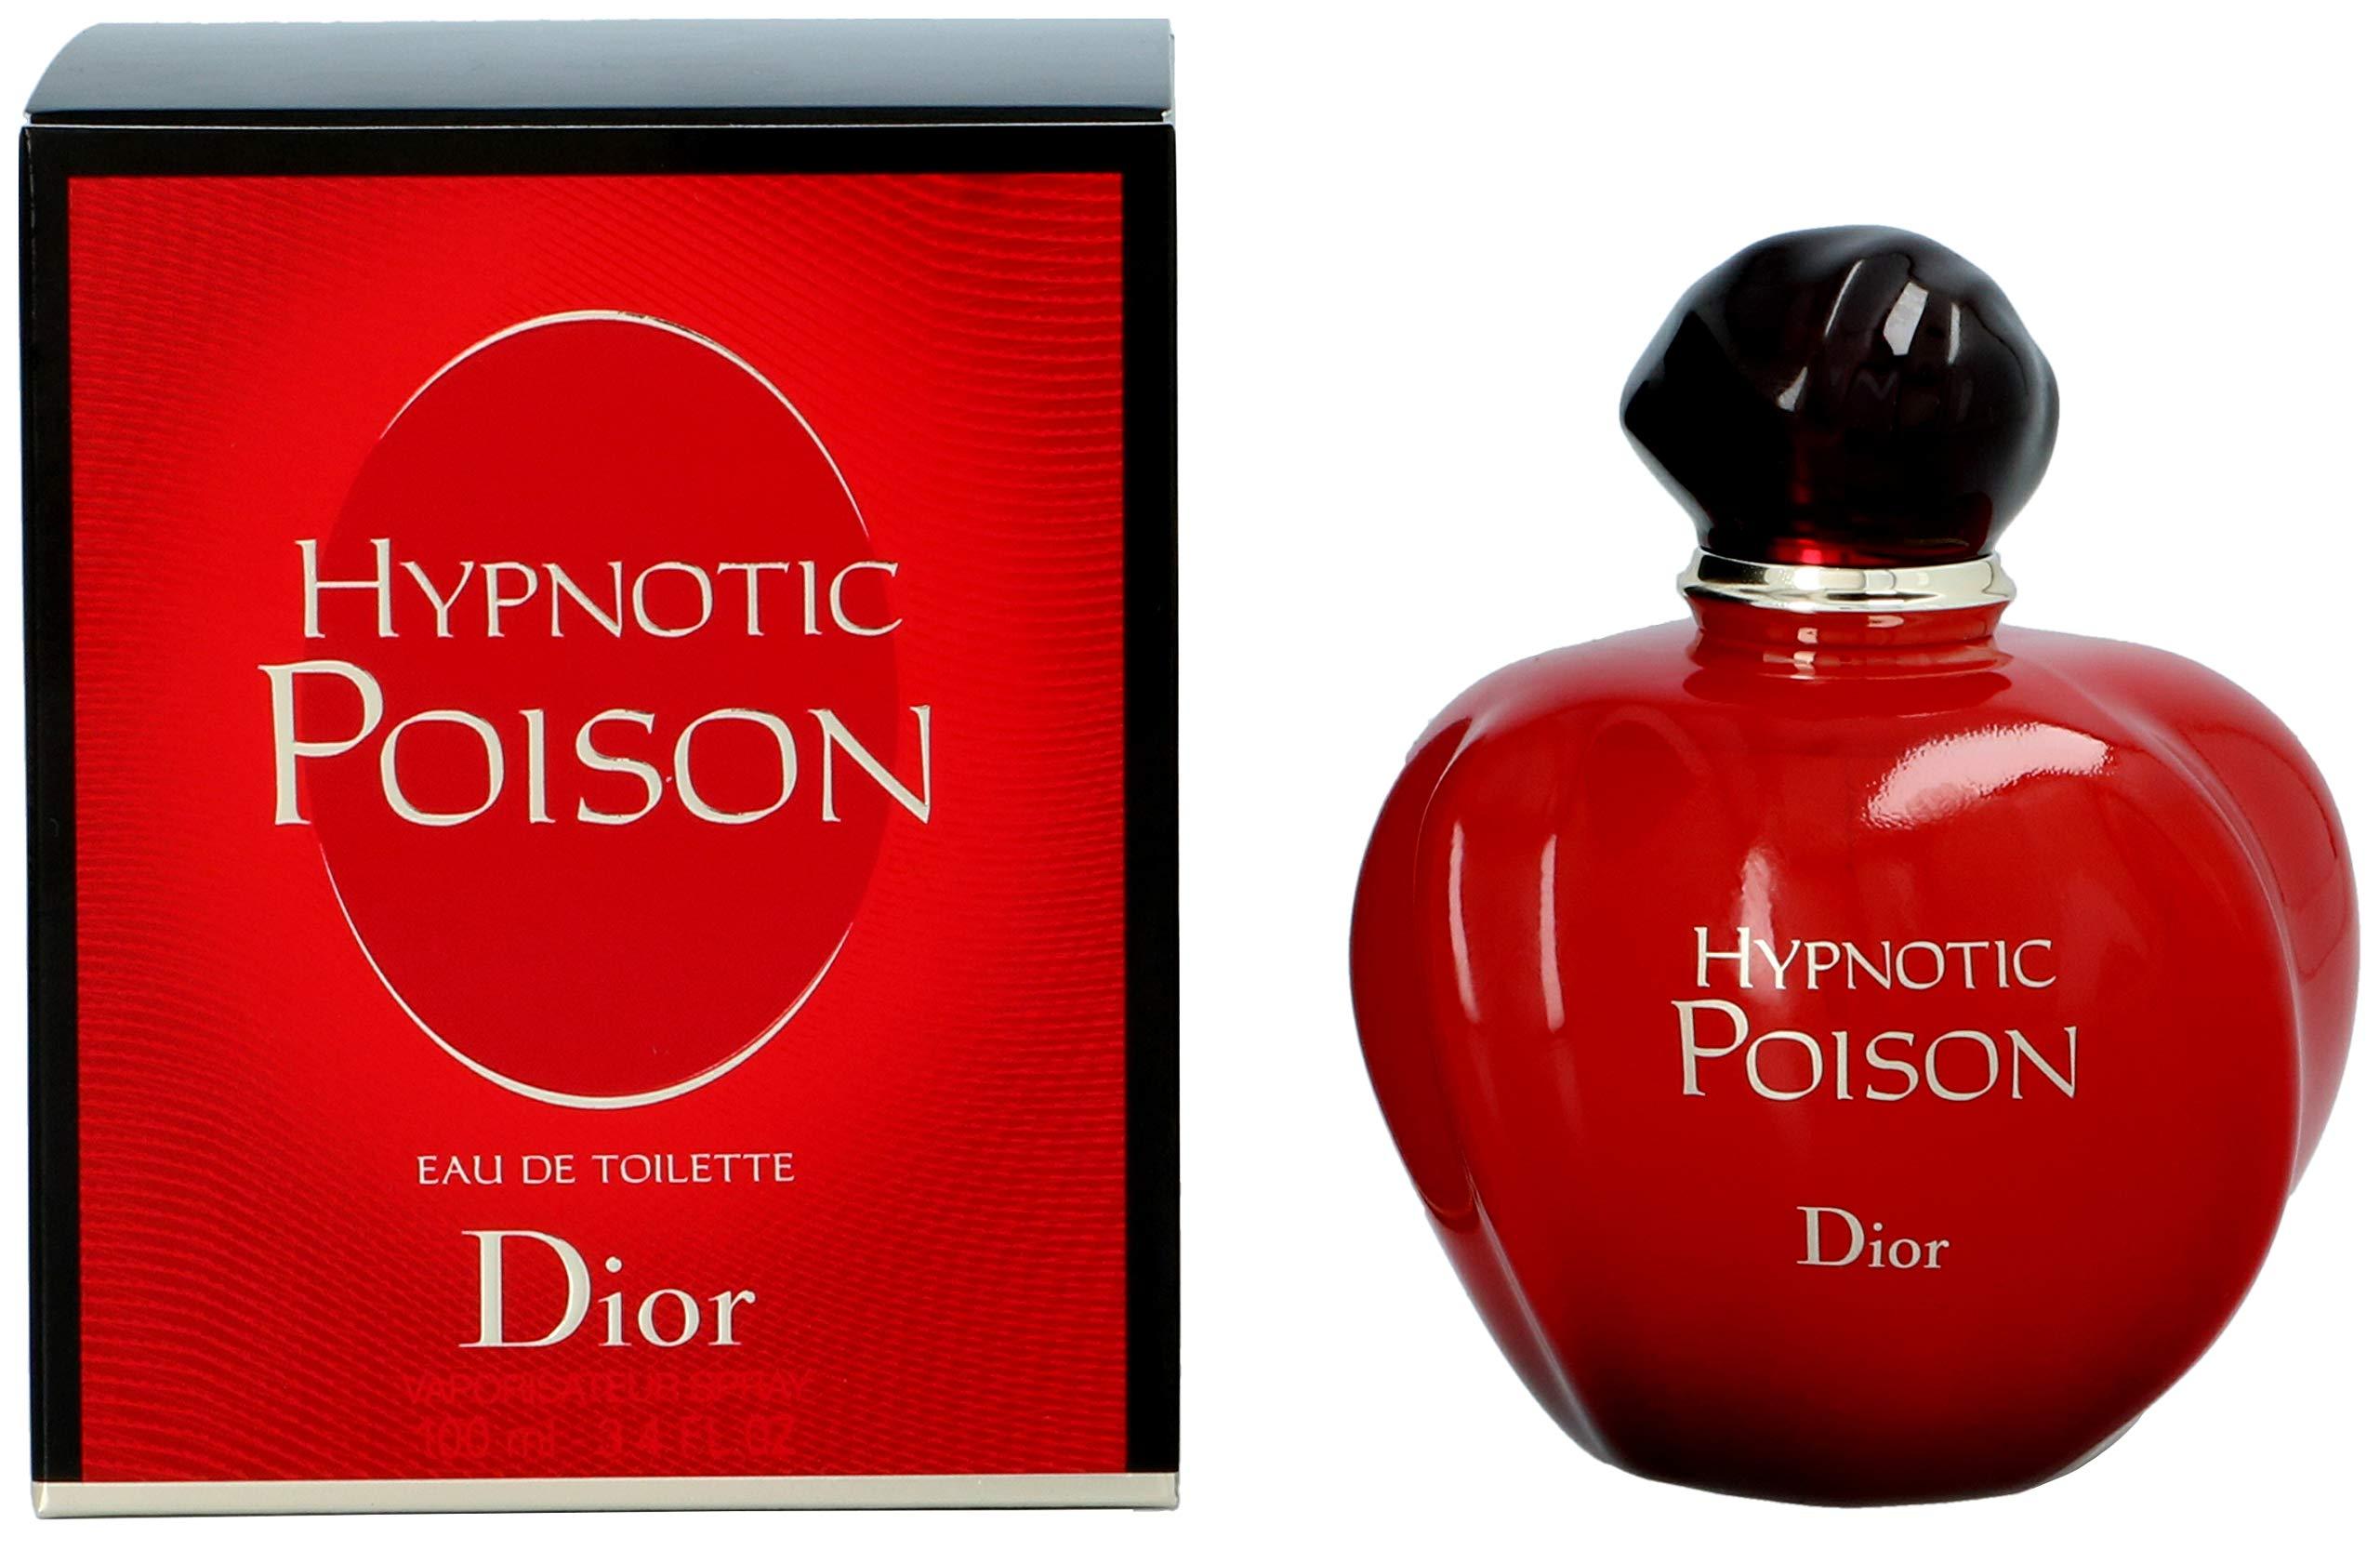 Hypnotic Poison by Christian Dior for Women 3.4 oz Eau de Toilette Spray